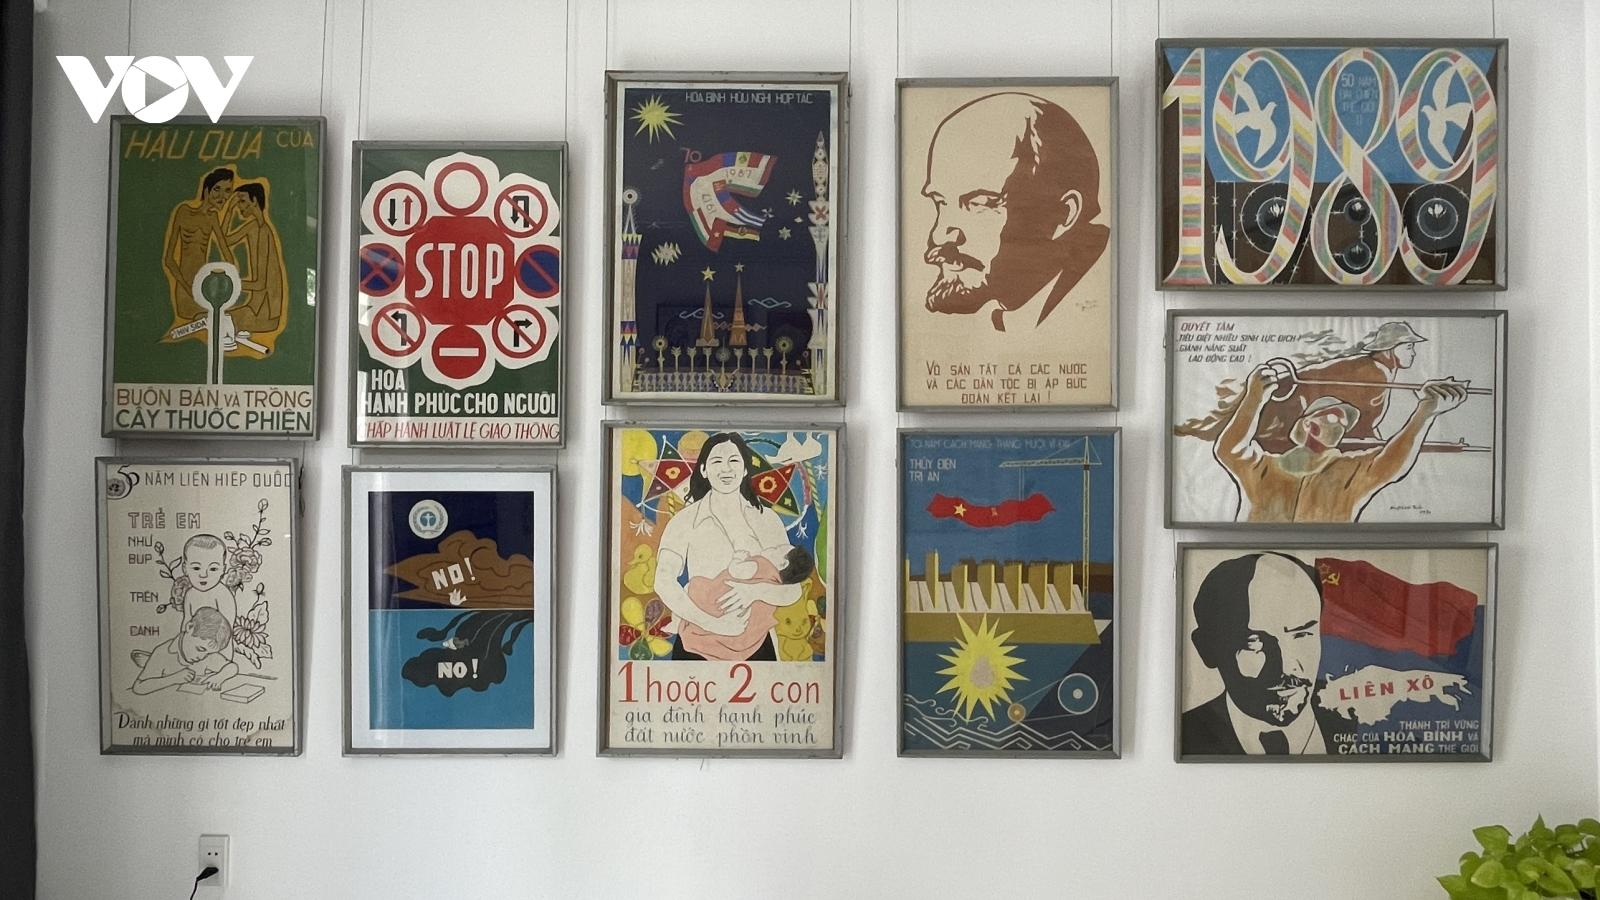 Trưng bày hàng trăm bức tranh sơn khắc, cổ động, kí họa của cố họa sĩ Huỳnh Văn Thuận